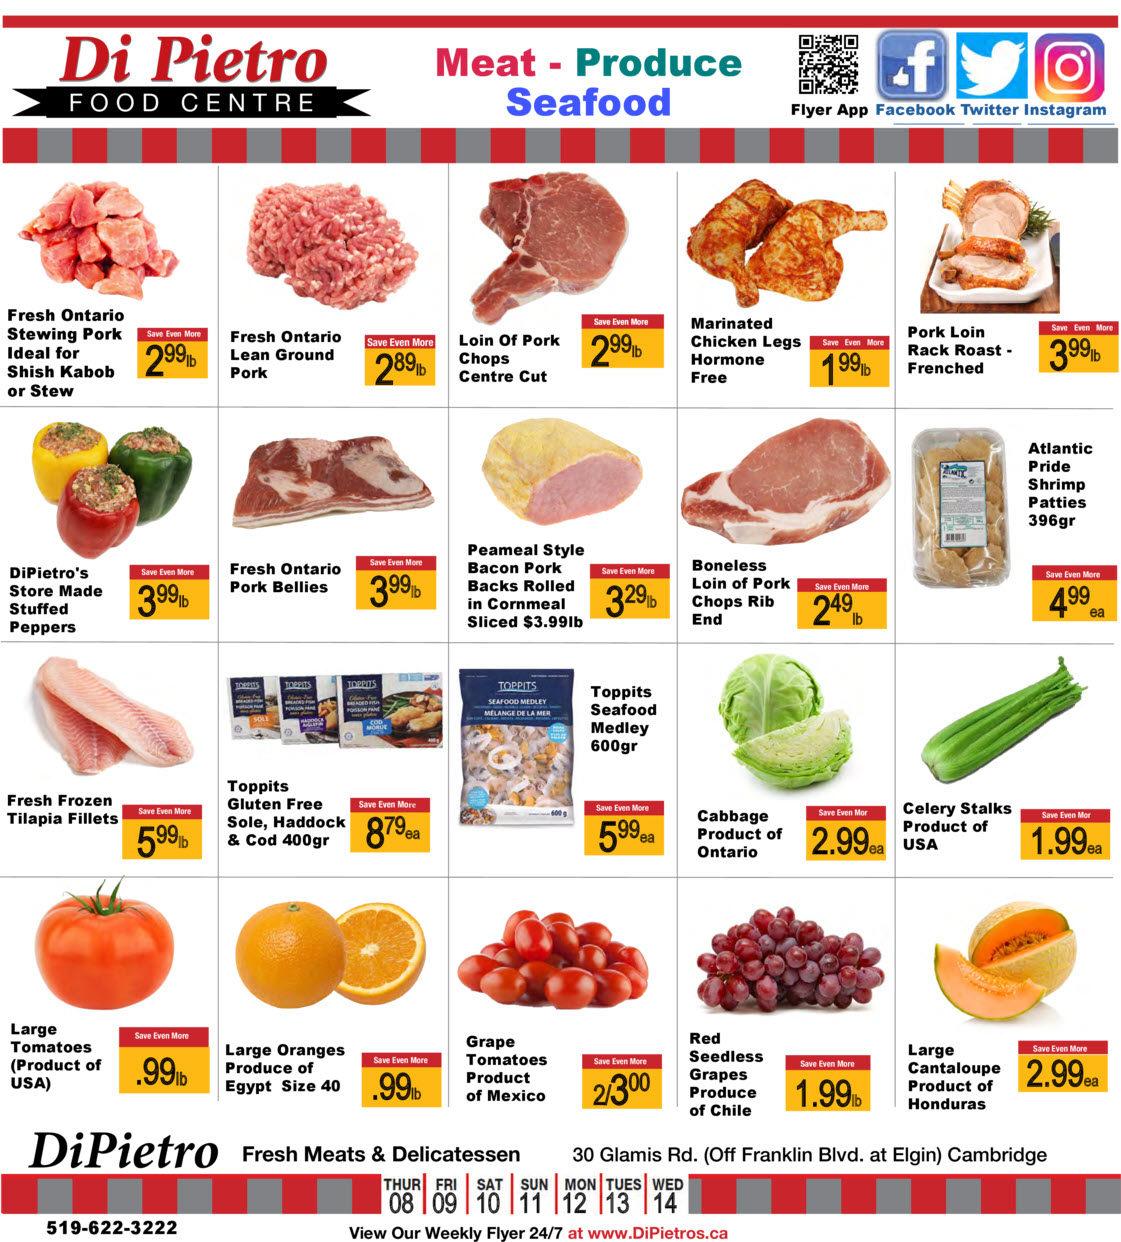 DiPietro - Weekly Flyer Specials - Page 4